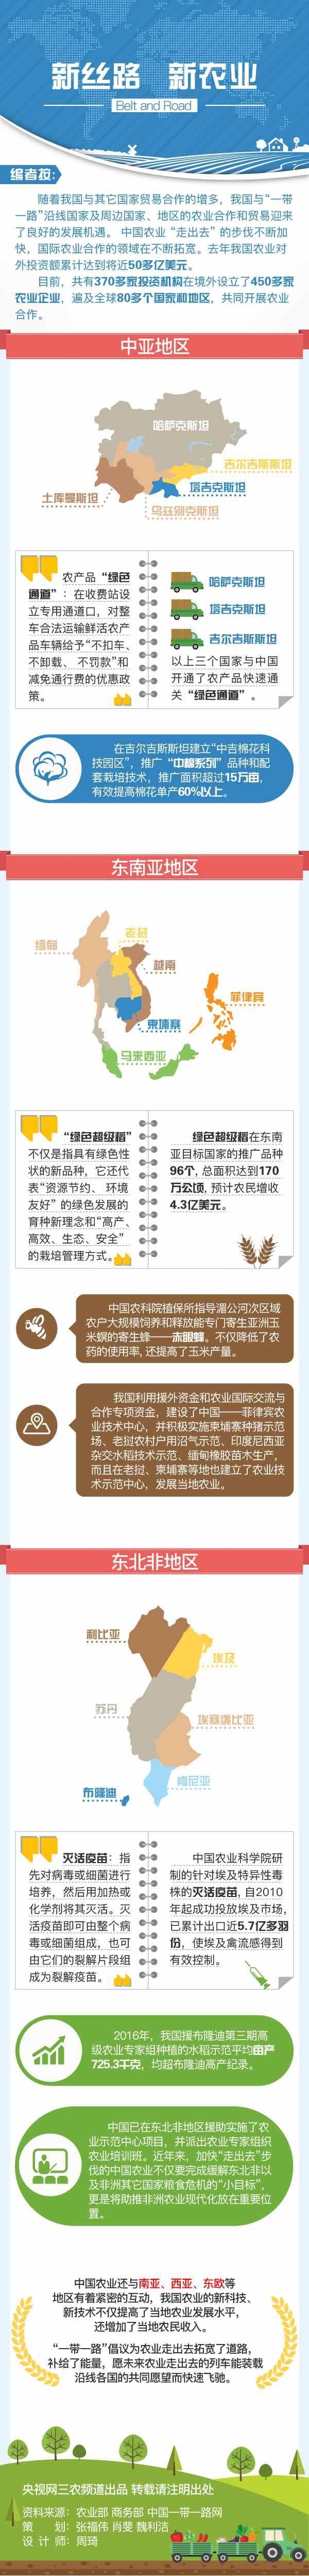 图解:新丝路 新农业